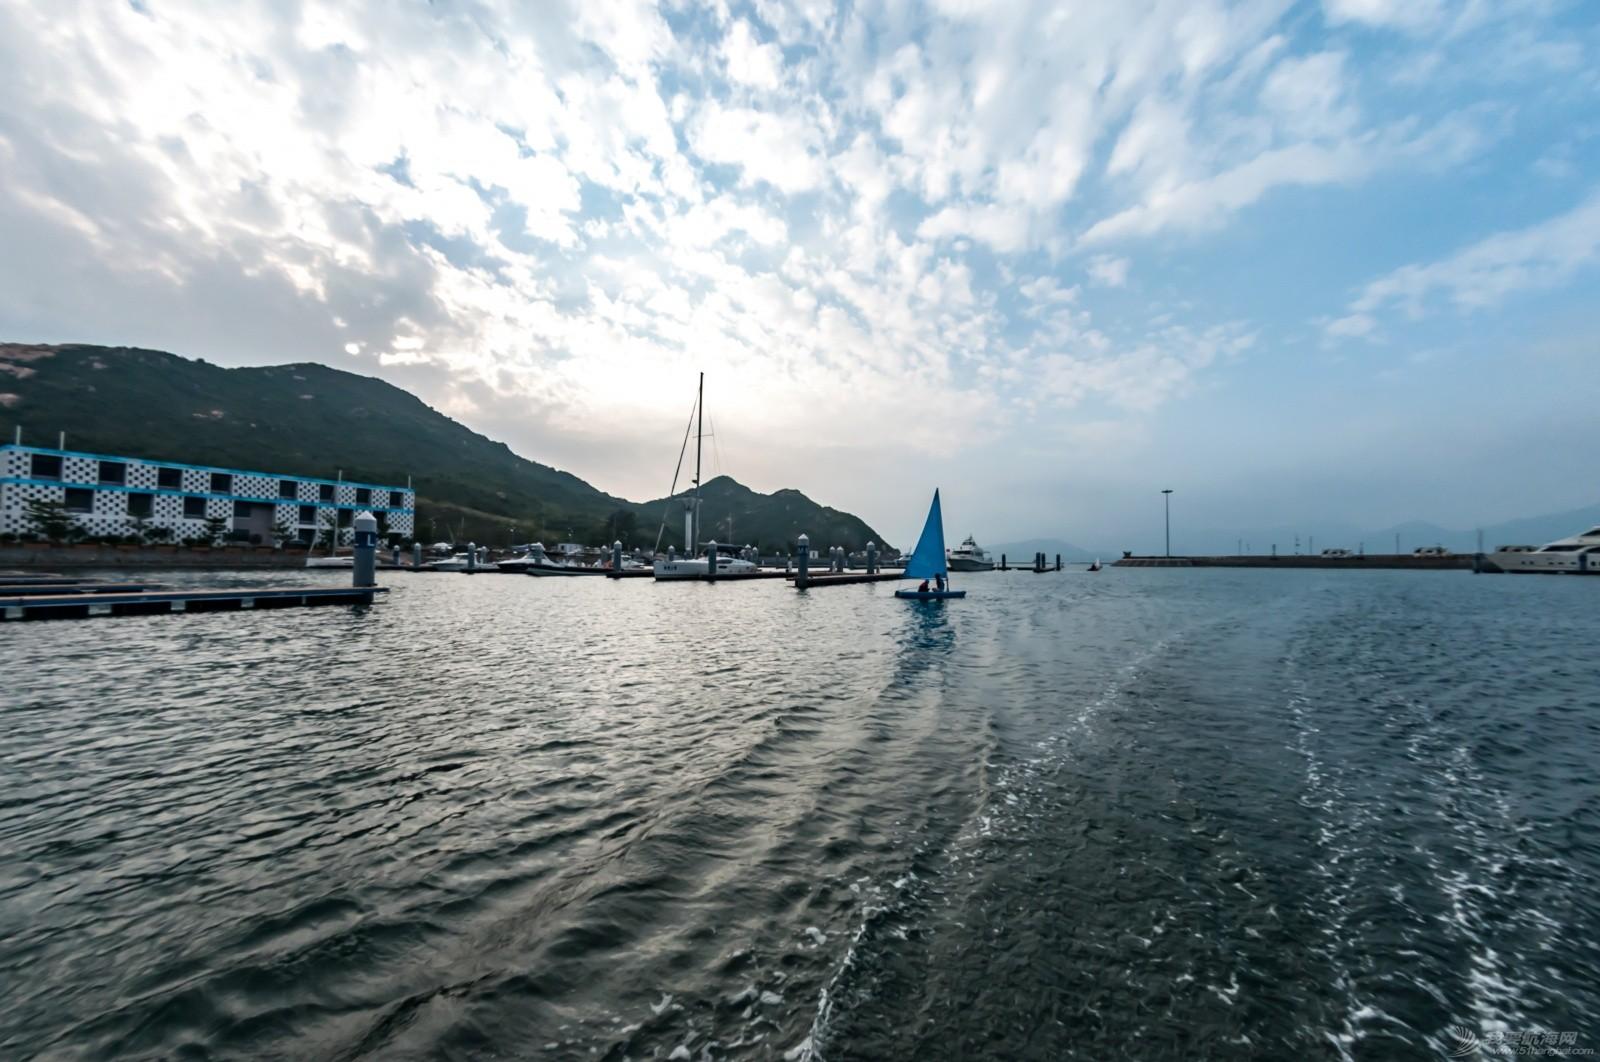 帆船 【2015大鹏杯帆船赛】鱼眼看航海 16046.jpg